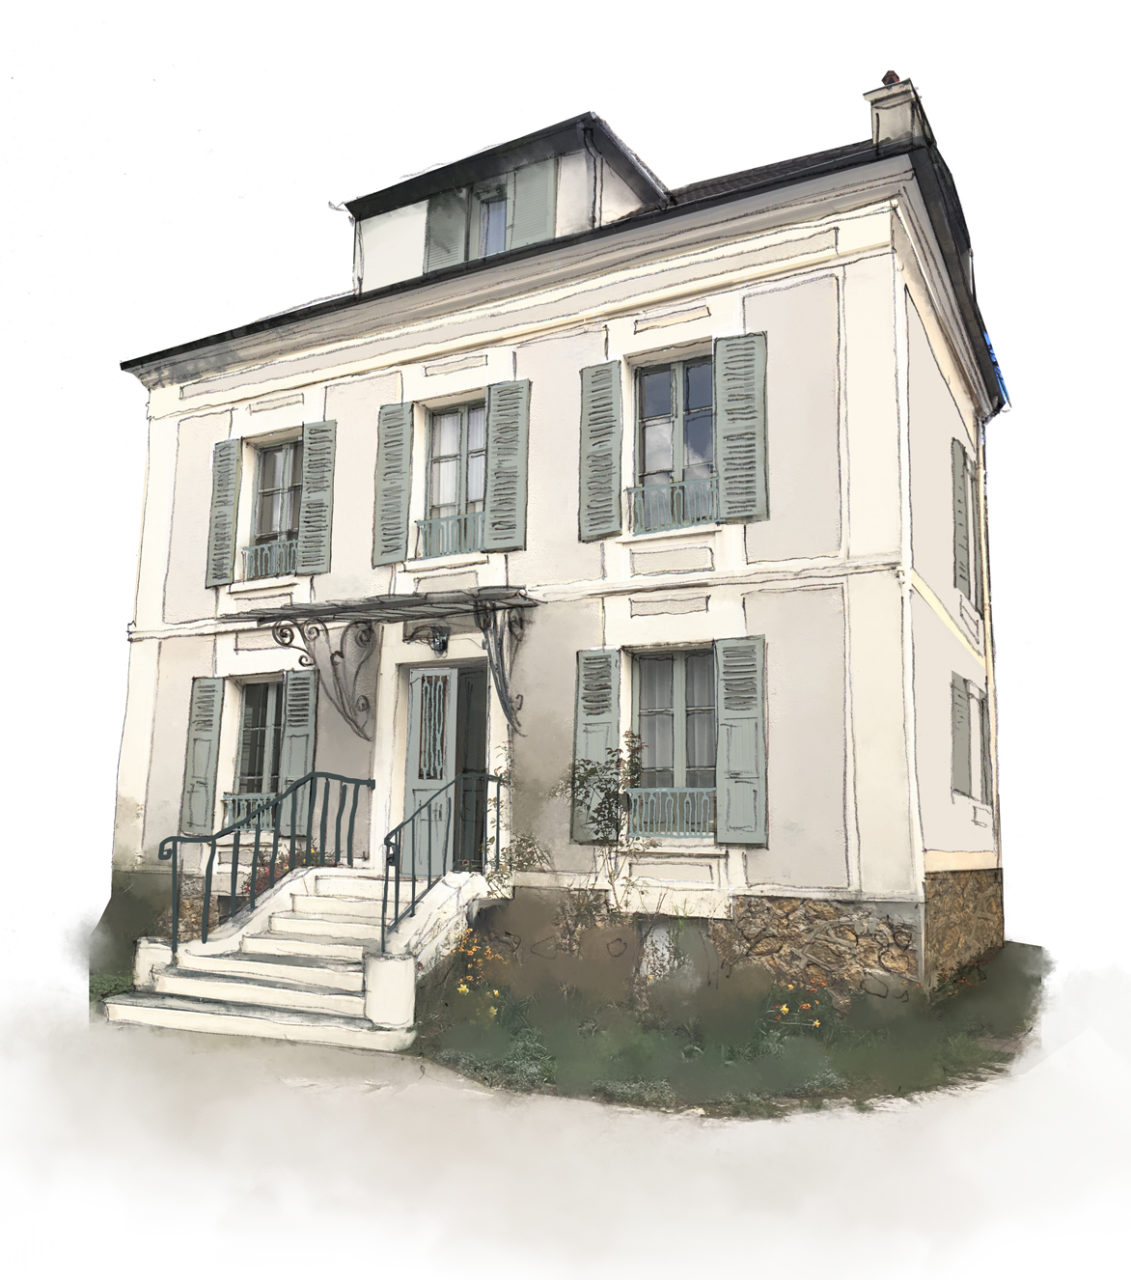 Vue en 3D couleur de la façade de la maison du Vésinet afin d'accompagner le client dans le choix des teintes huisseries, volets, marquise et teintes de la façade.